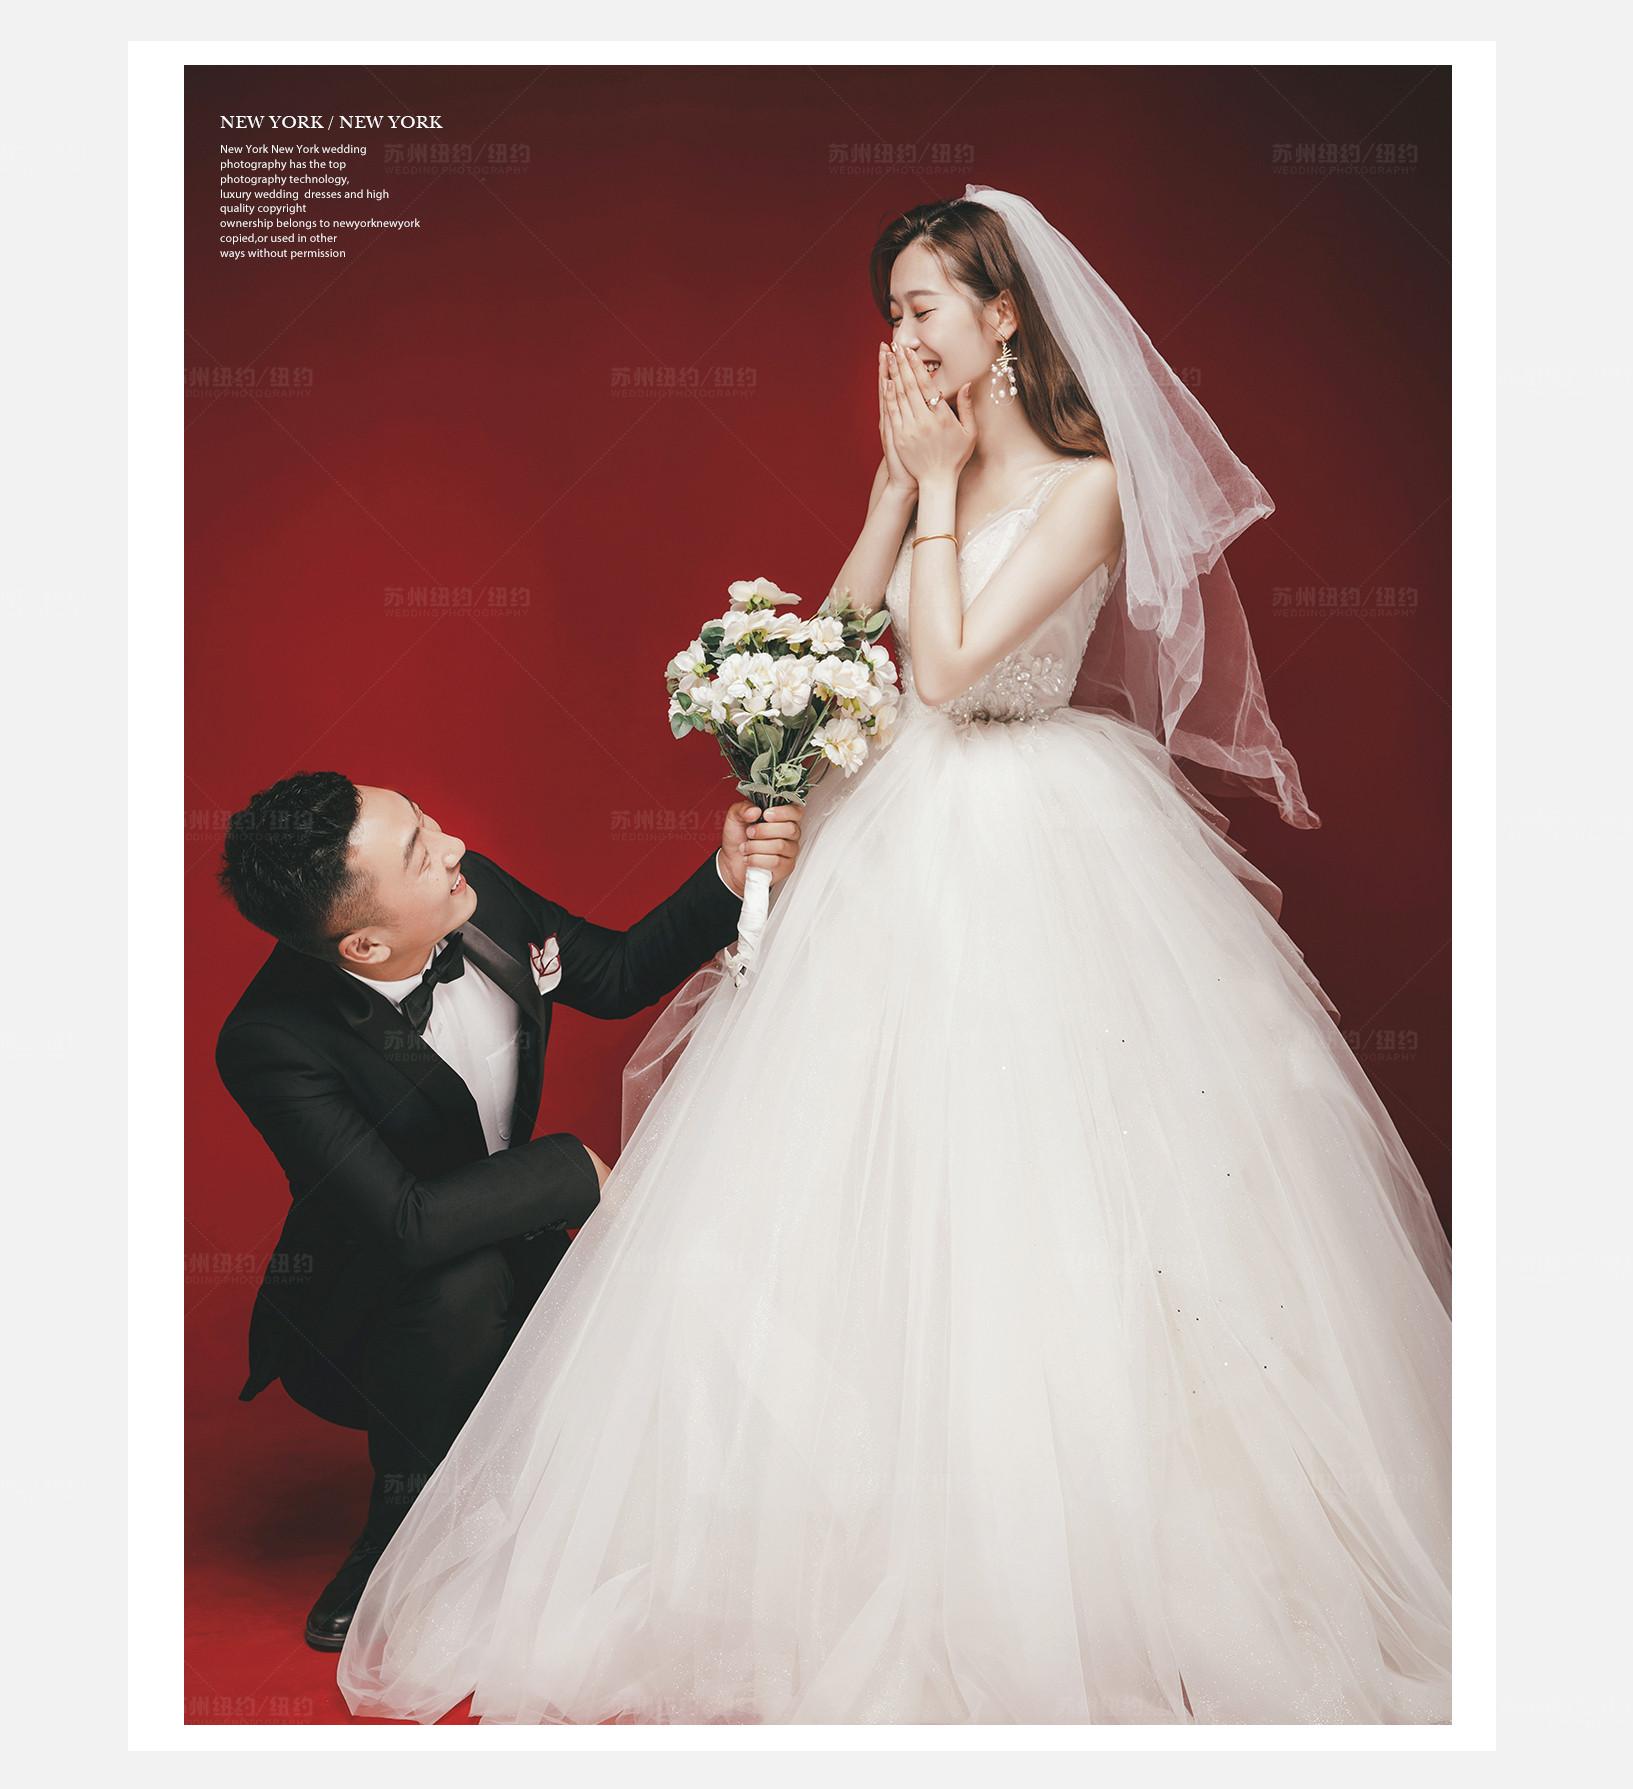 Mr.施 & Ms.方(纽约纽约最新客照)婚纱摄影照